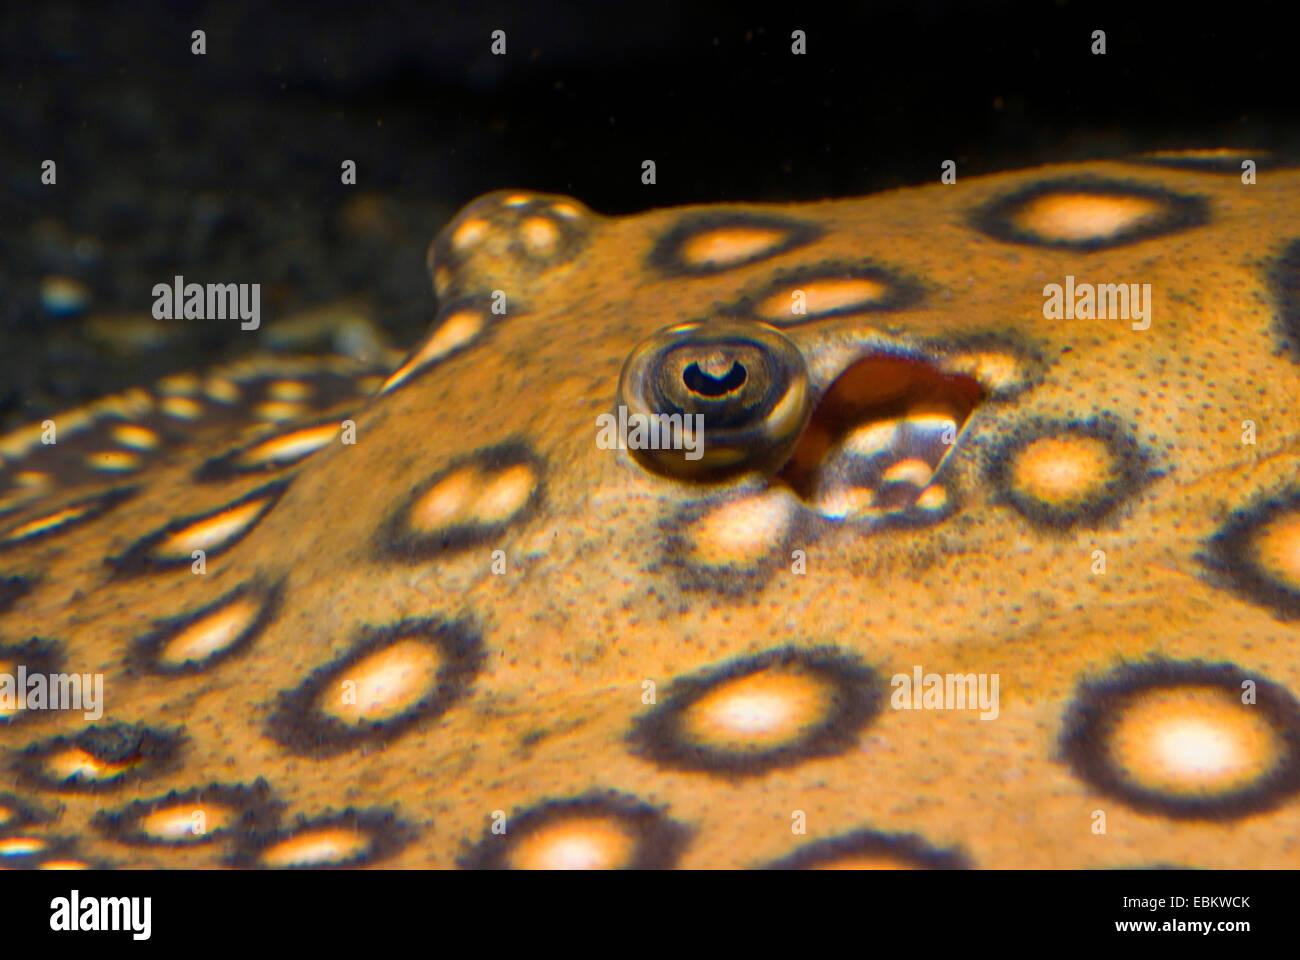 Motoro Stingray (Potamotrygon motoro), eyes - Stock Image